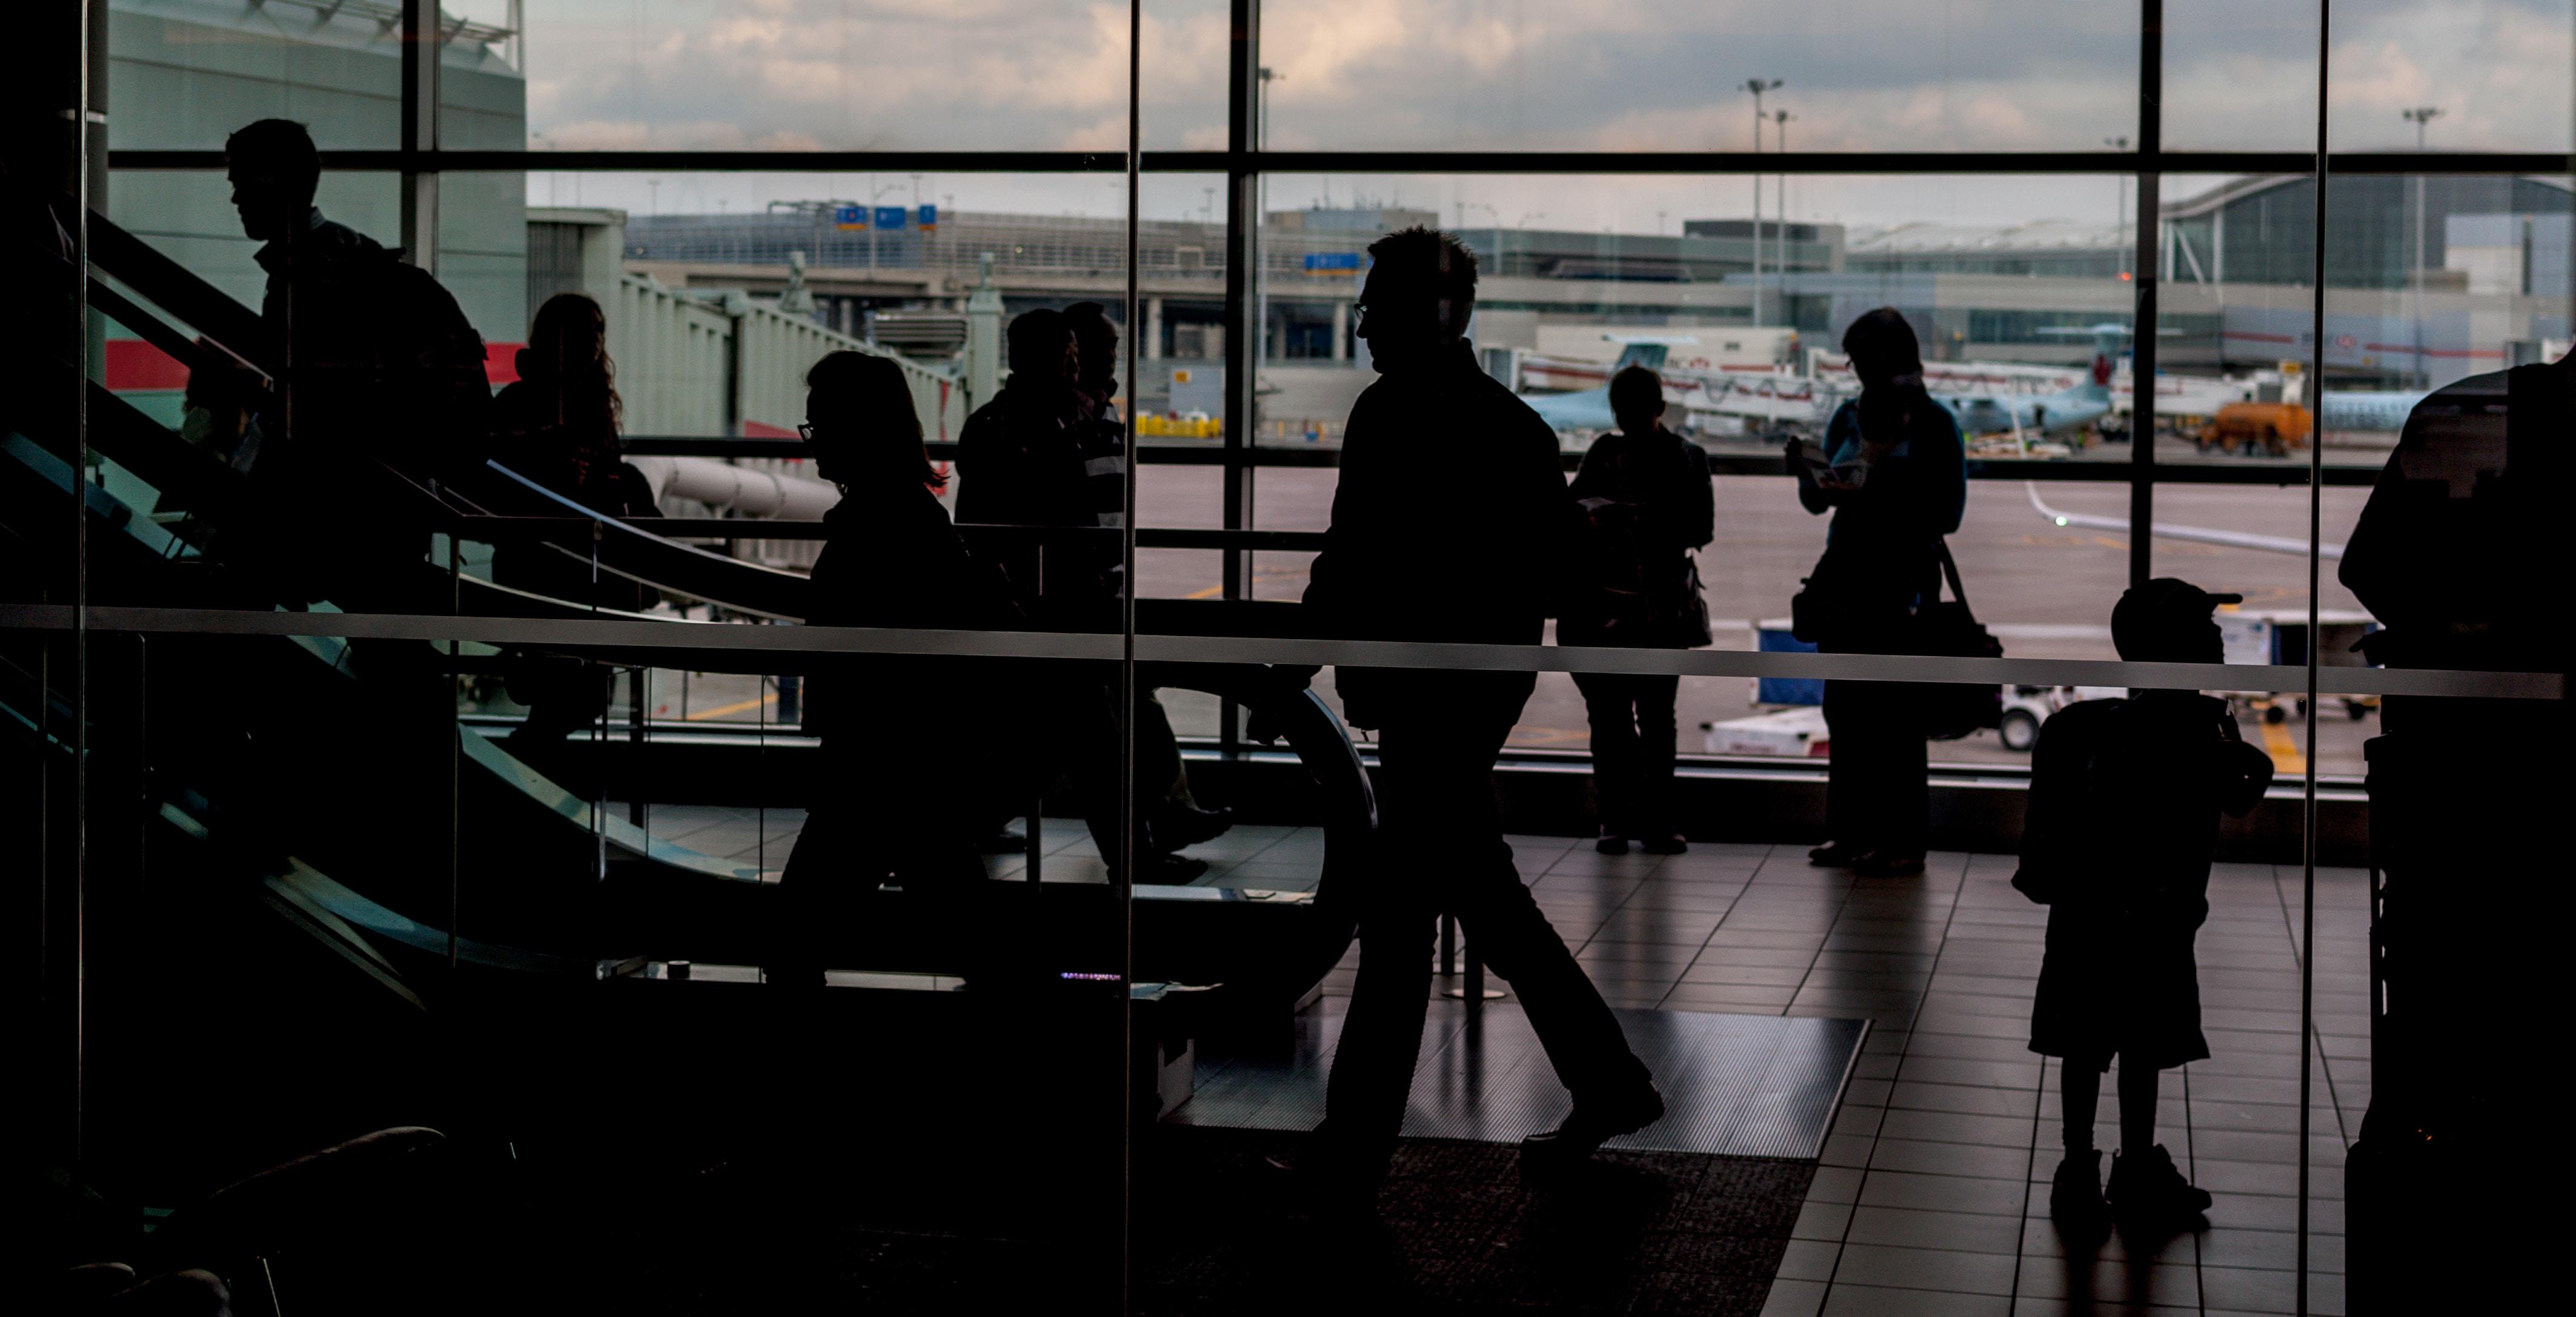 people walking inside plane station